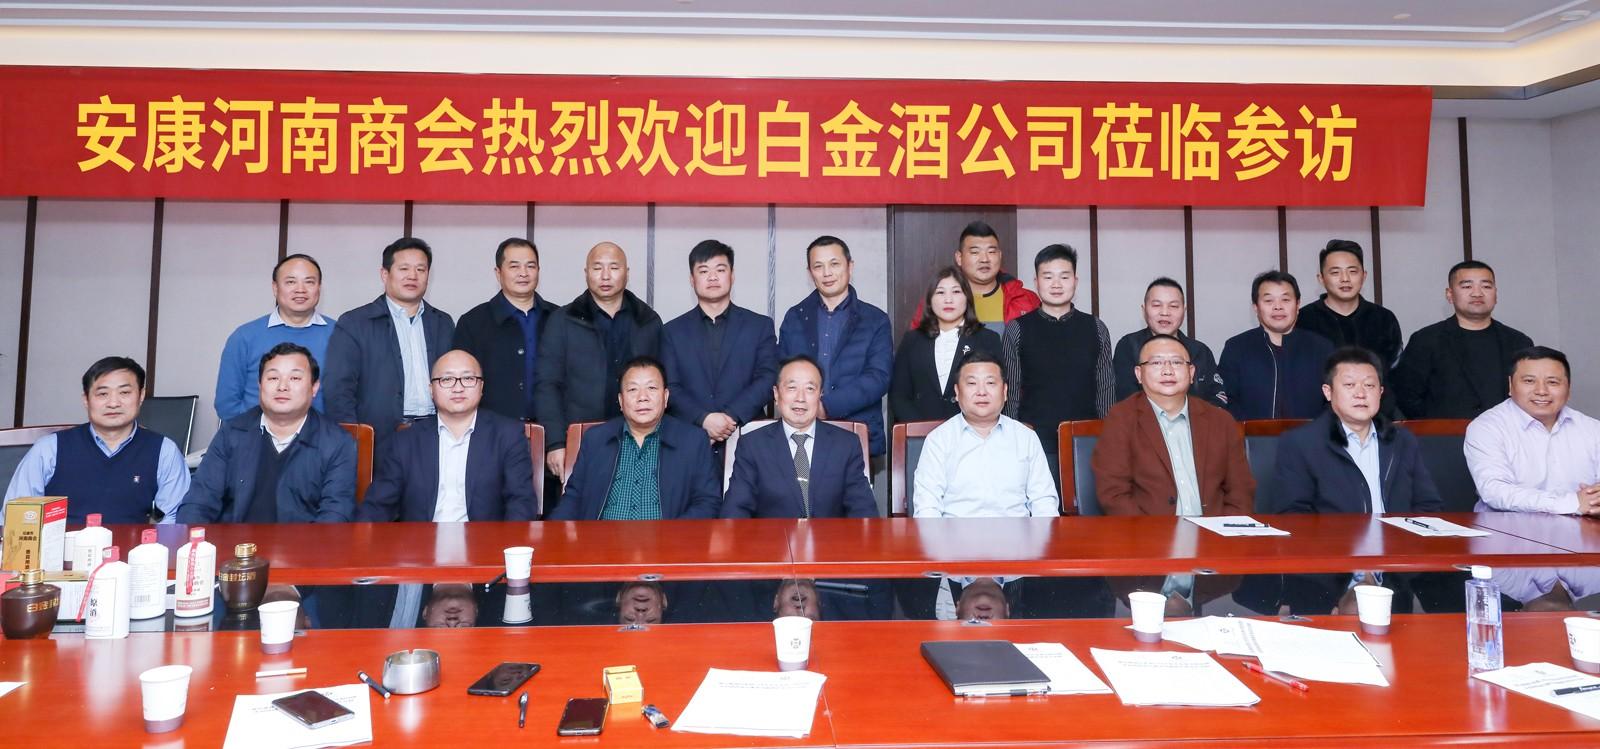 """共建""""朋友圈"""" 共謀新發展丨白金酒公司參訪陜西省安康市河南商會"""